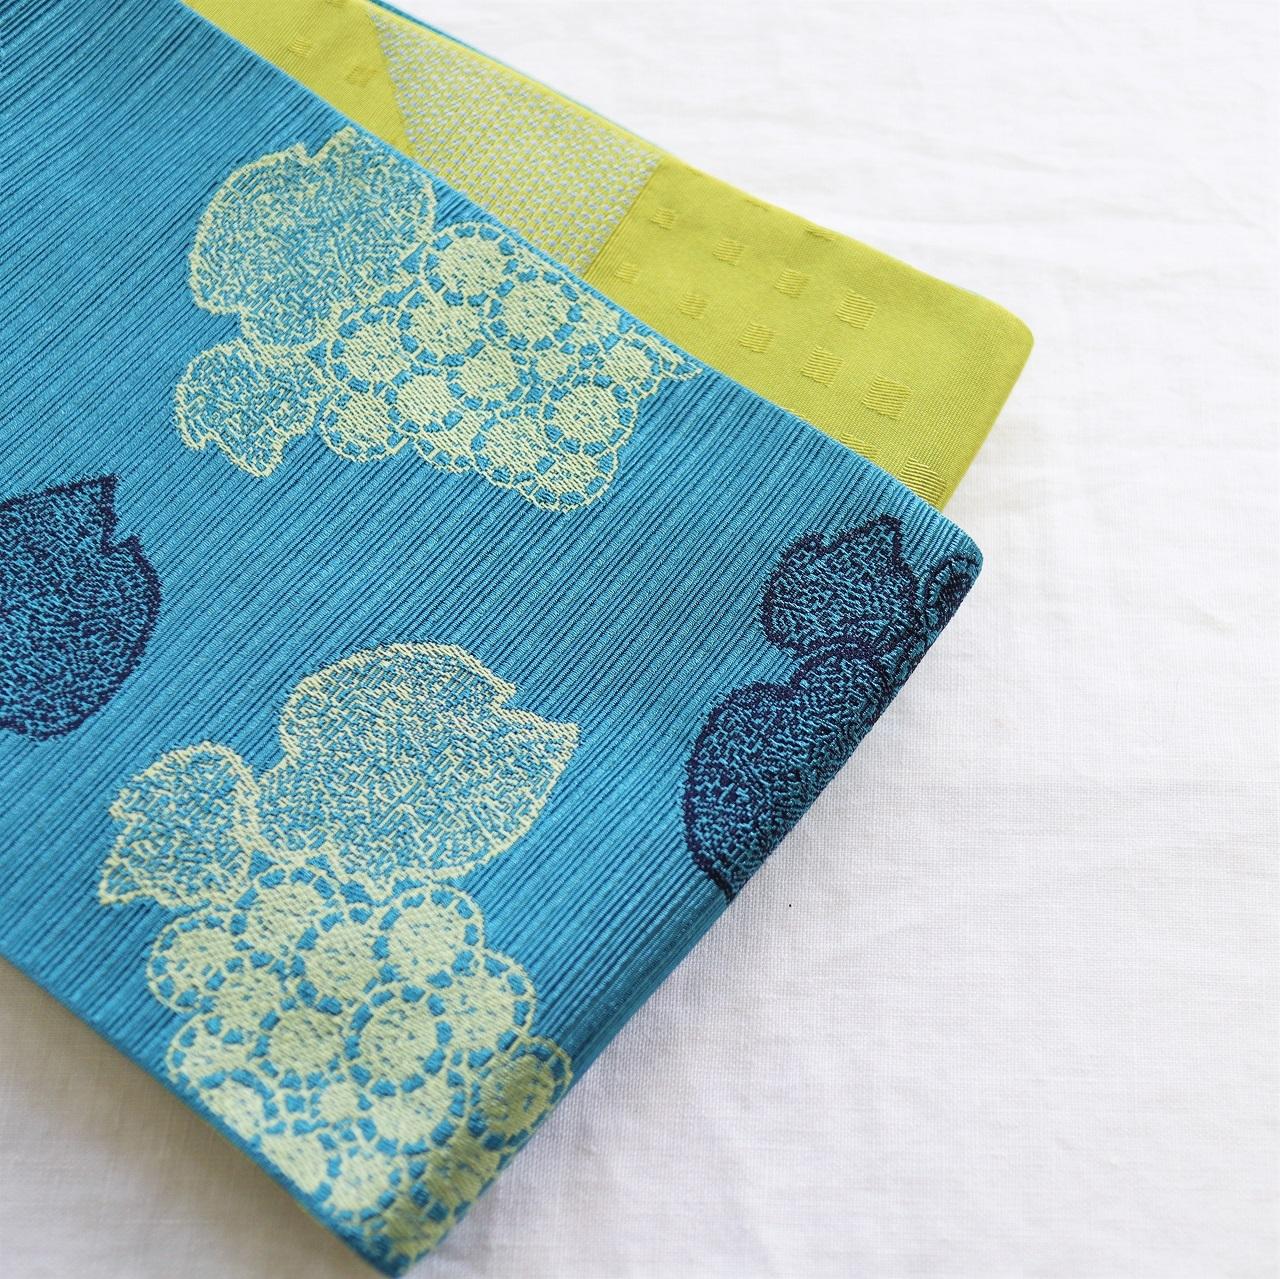 【半巾帯】葡萄 / 花浅葱色 ロングサイズ4.4m